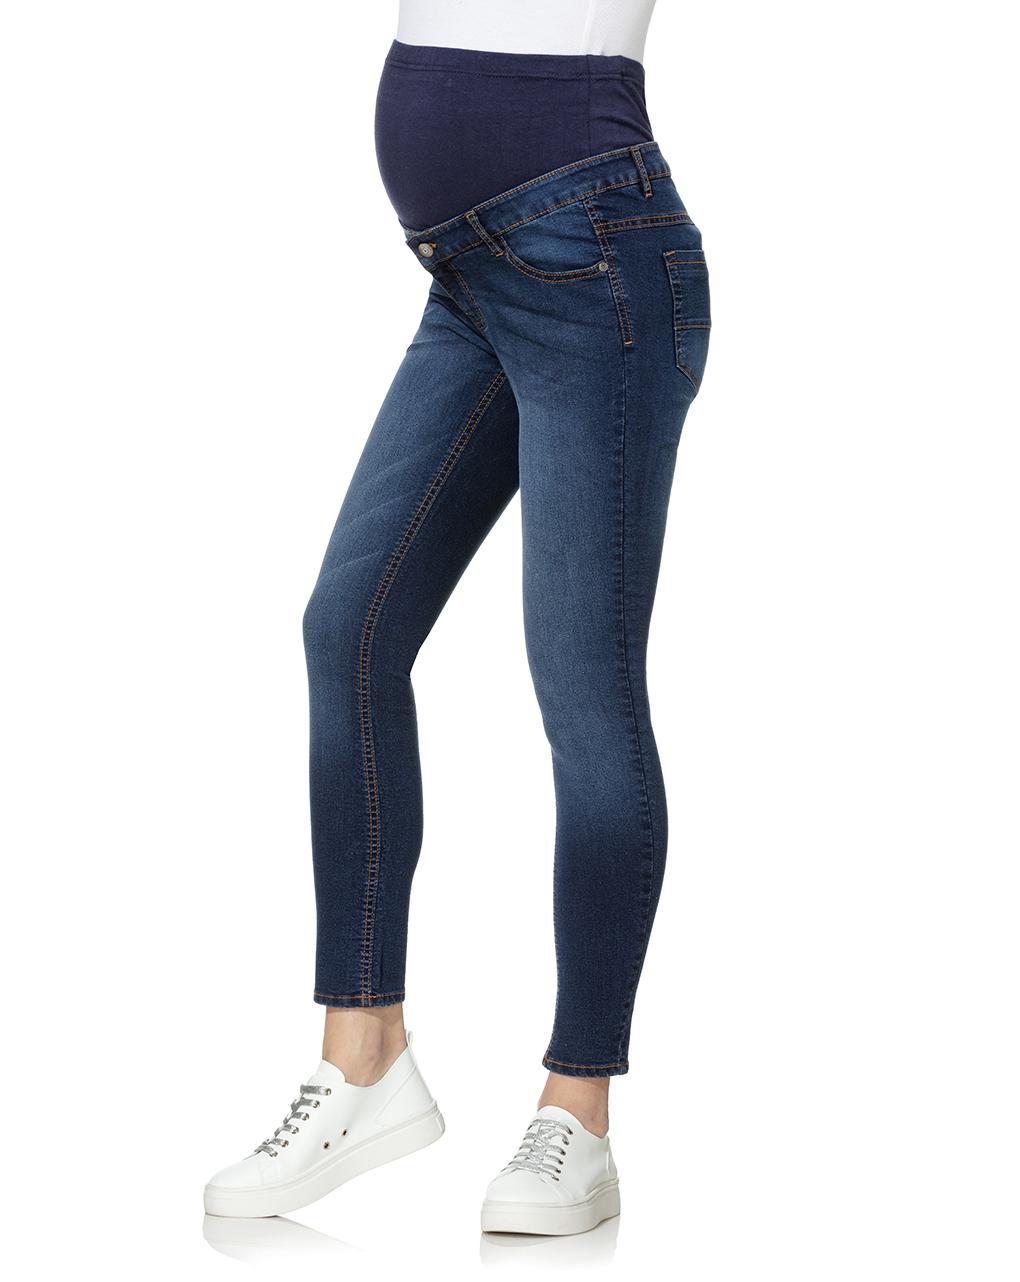 Γυναικείο Παντελόνι Denim Skinny Σκούρο